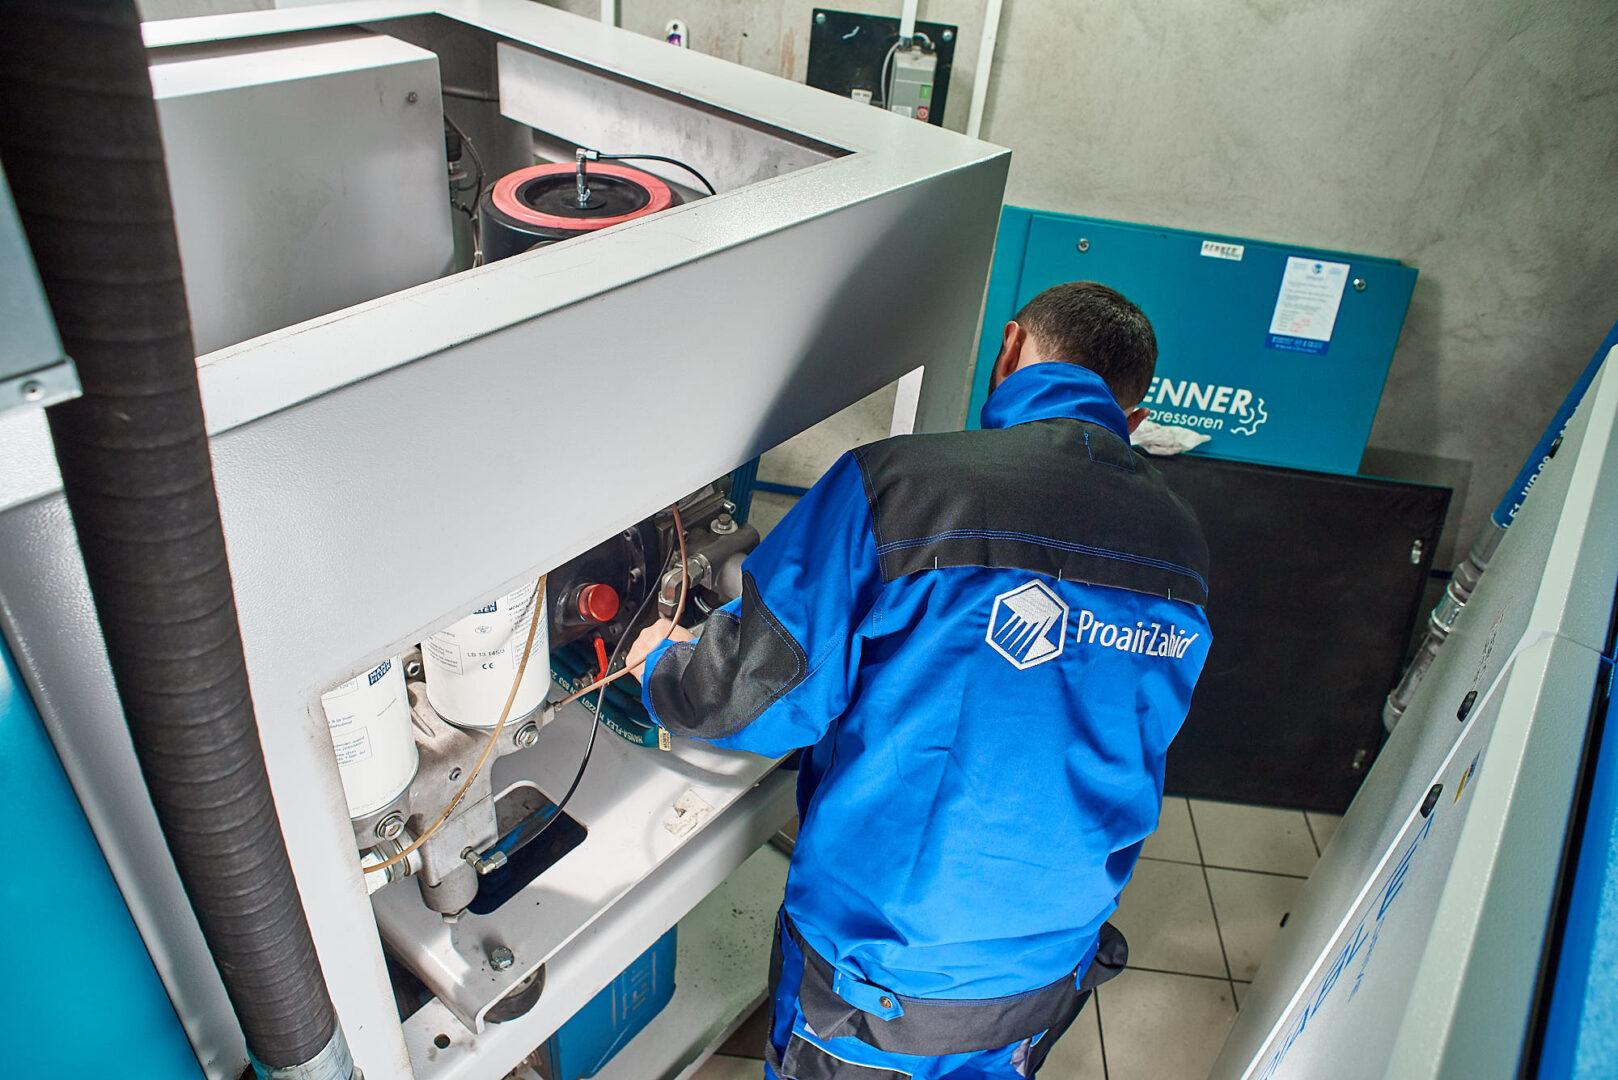 технічне обслуговування та ремонт гвинтового компресора Реннер